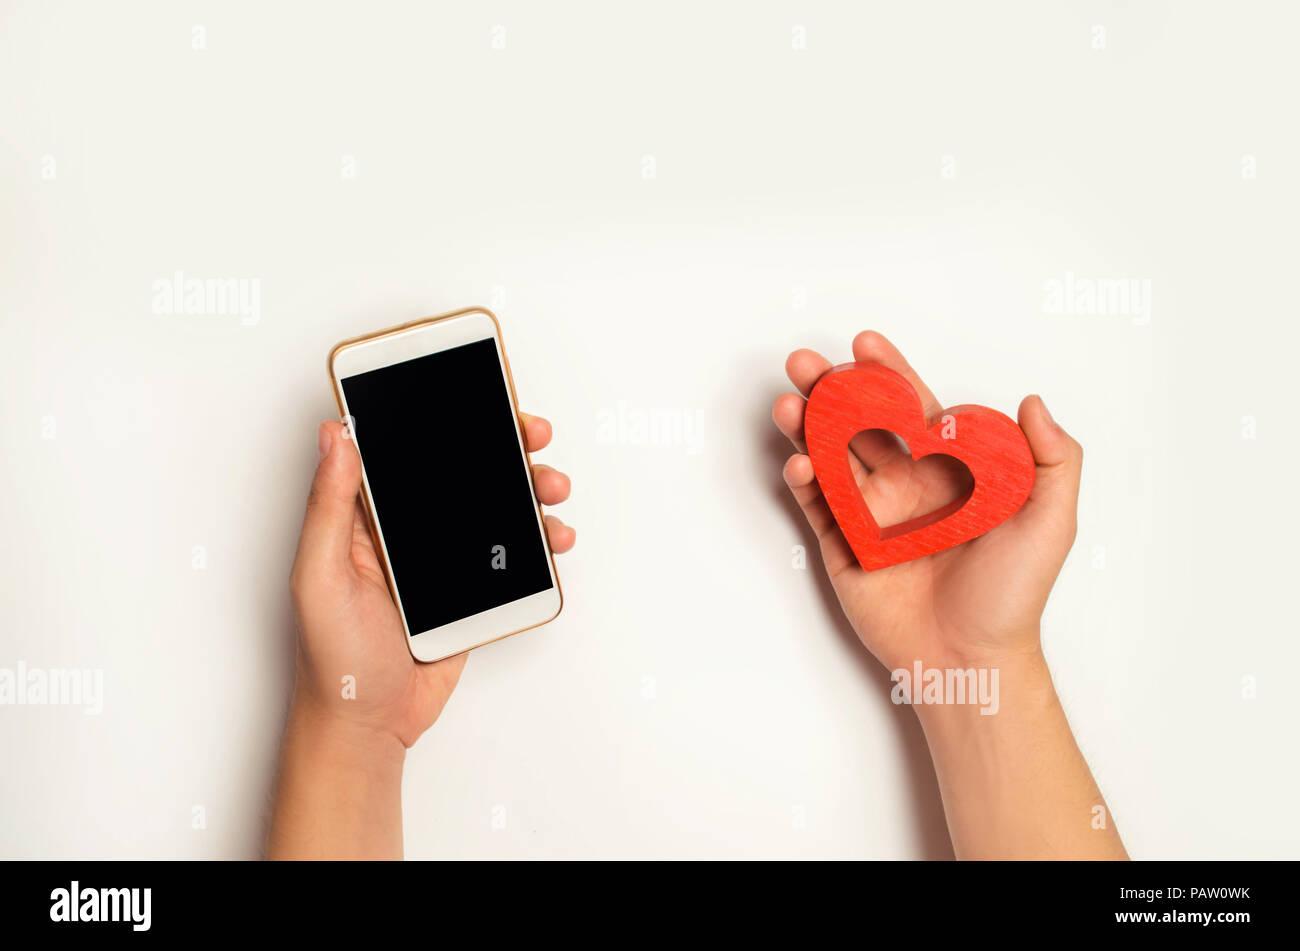 Beste soziale Netzwerke für Dating Dating jemand mit dem gleichen Geburtstag wie ex